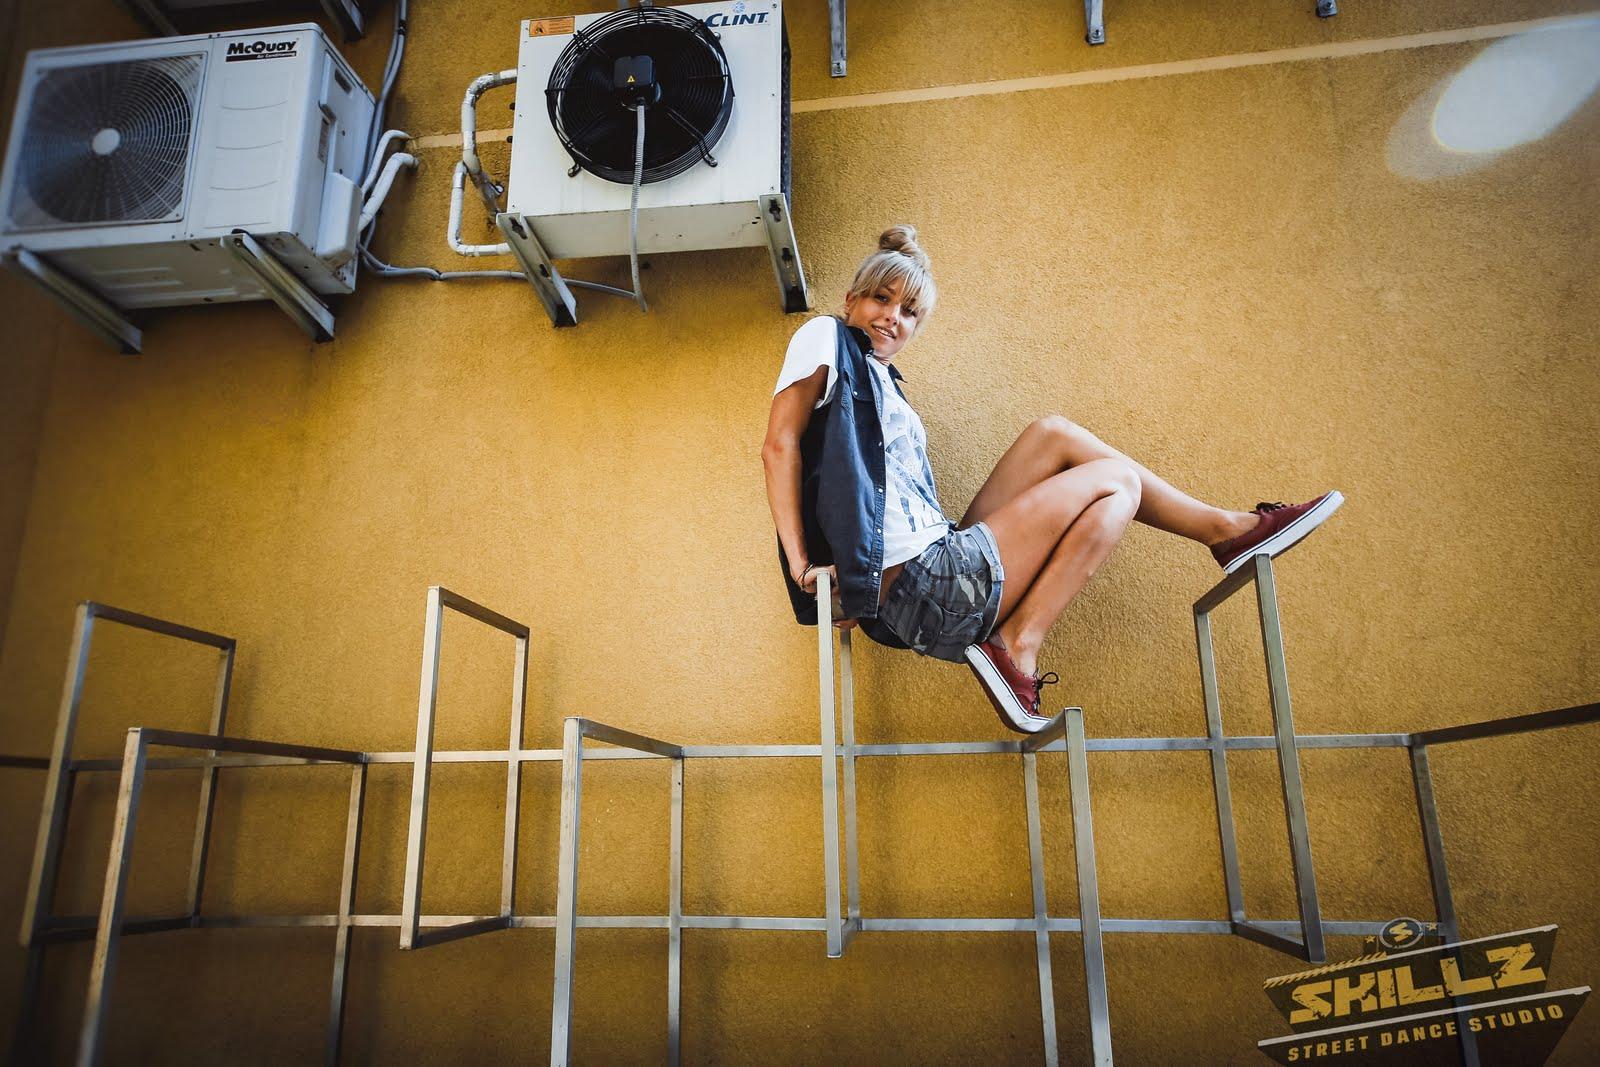 Treneriu fotosesija - _MG_2606.jpg